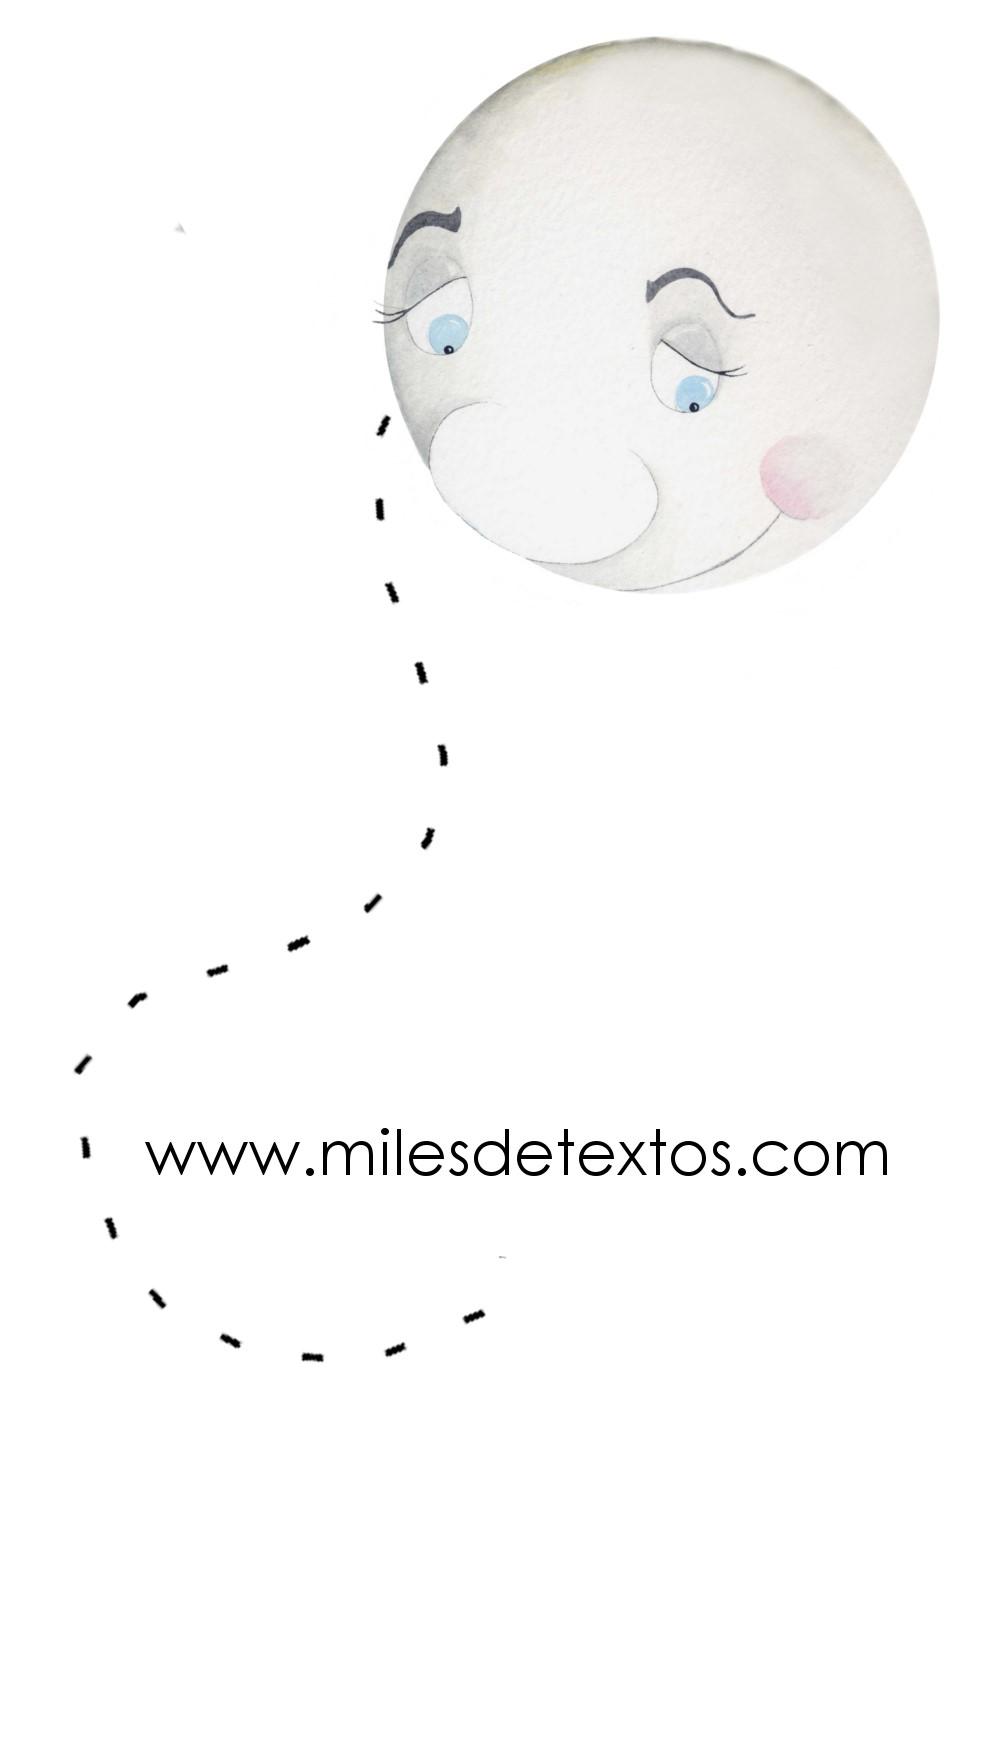 LUNA www.milesdetextos.com... Cuento Reyes